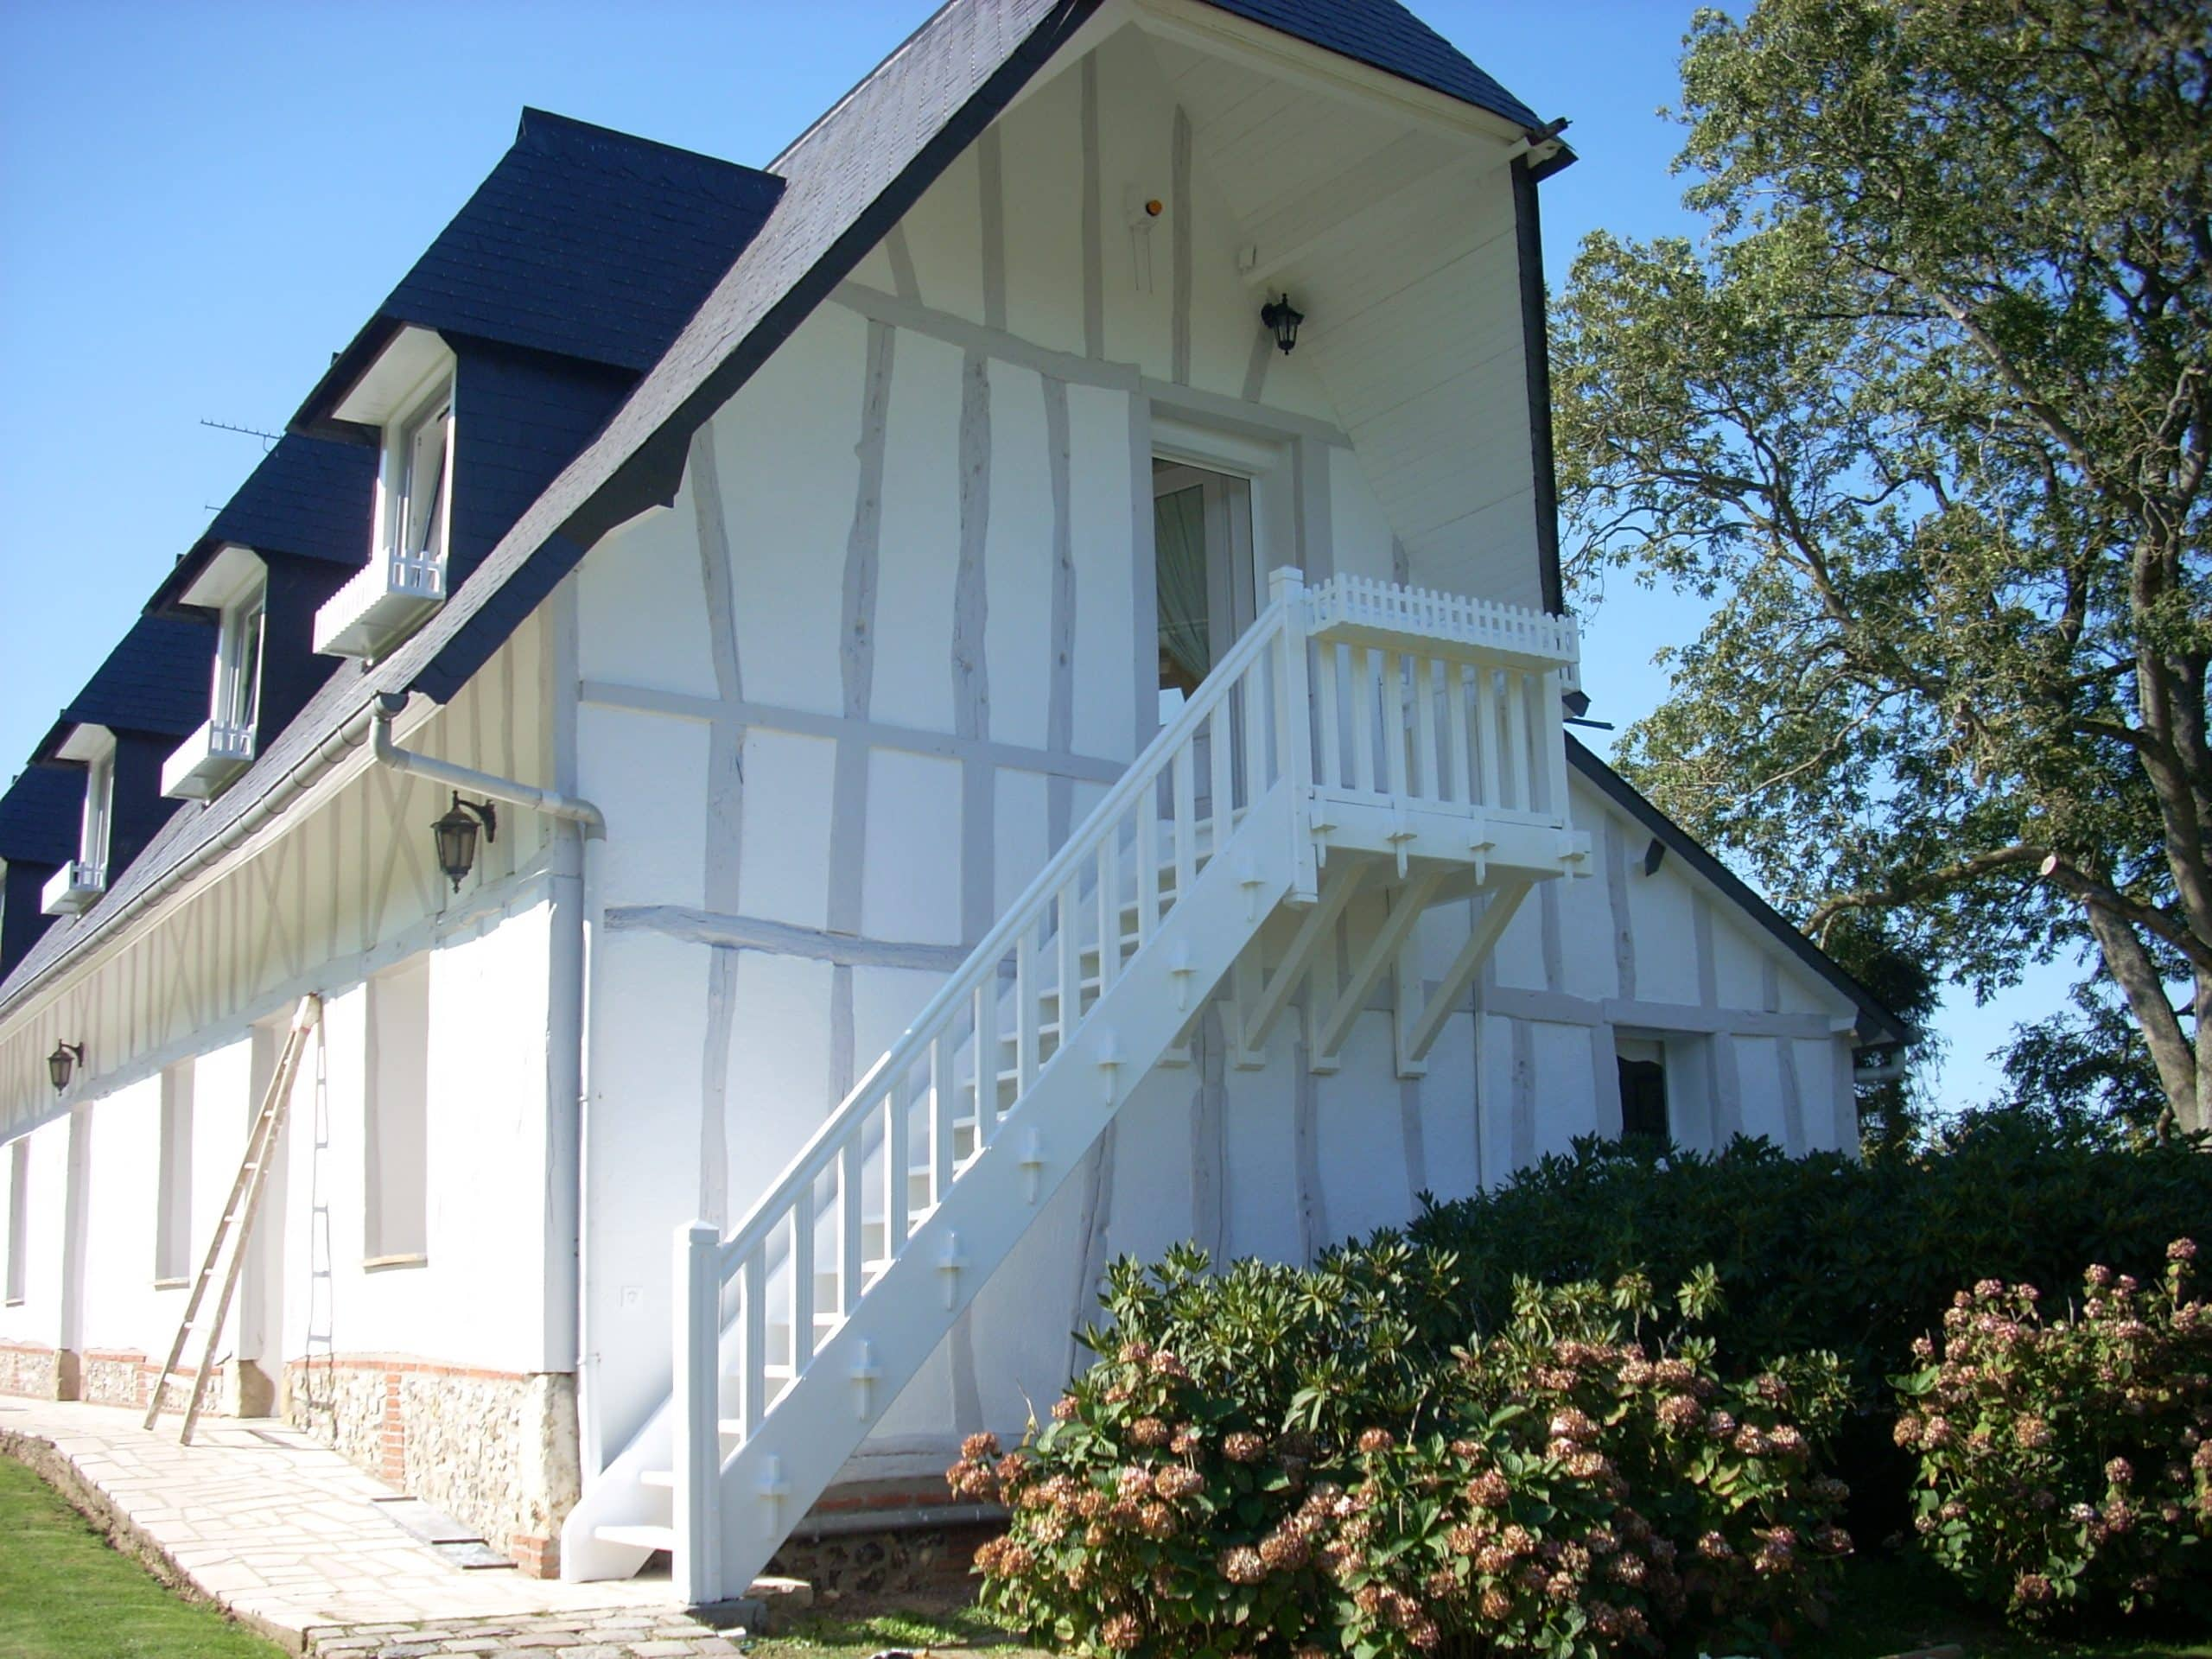 colombage gris sur maison normande (1)